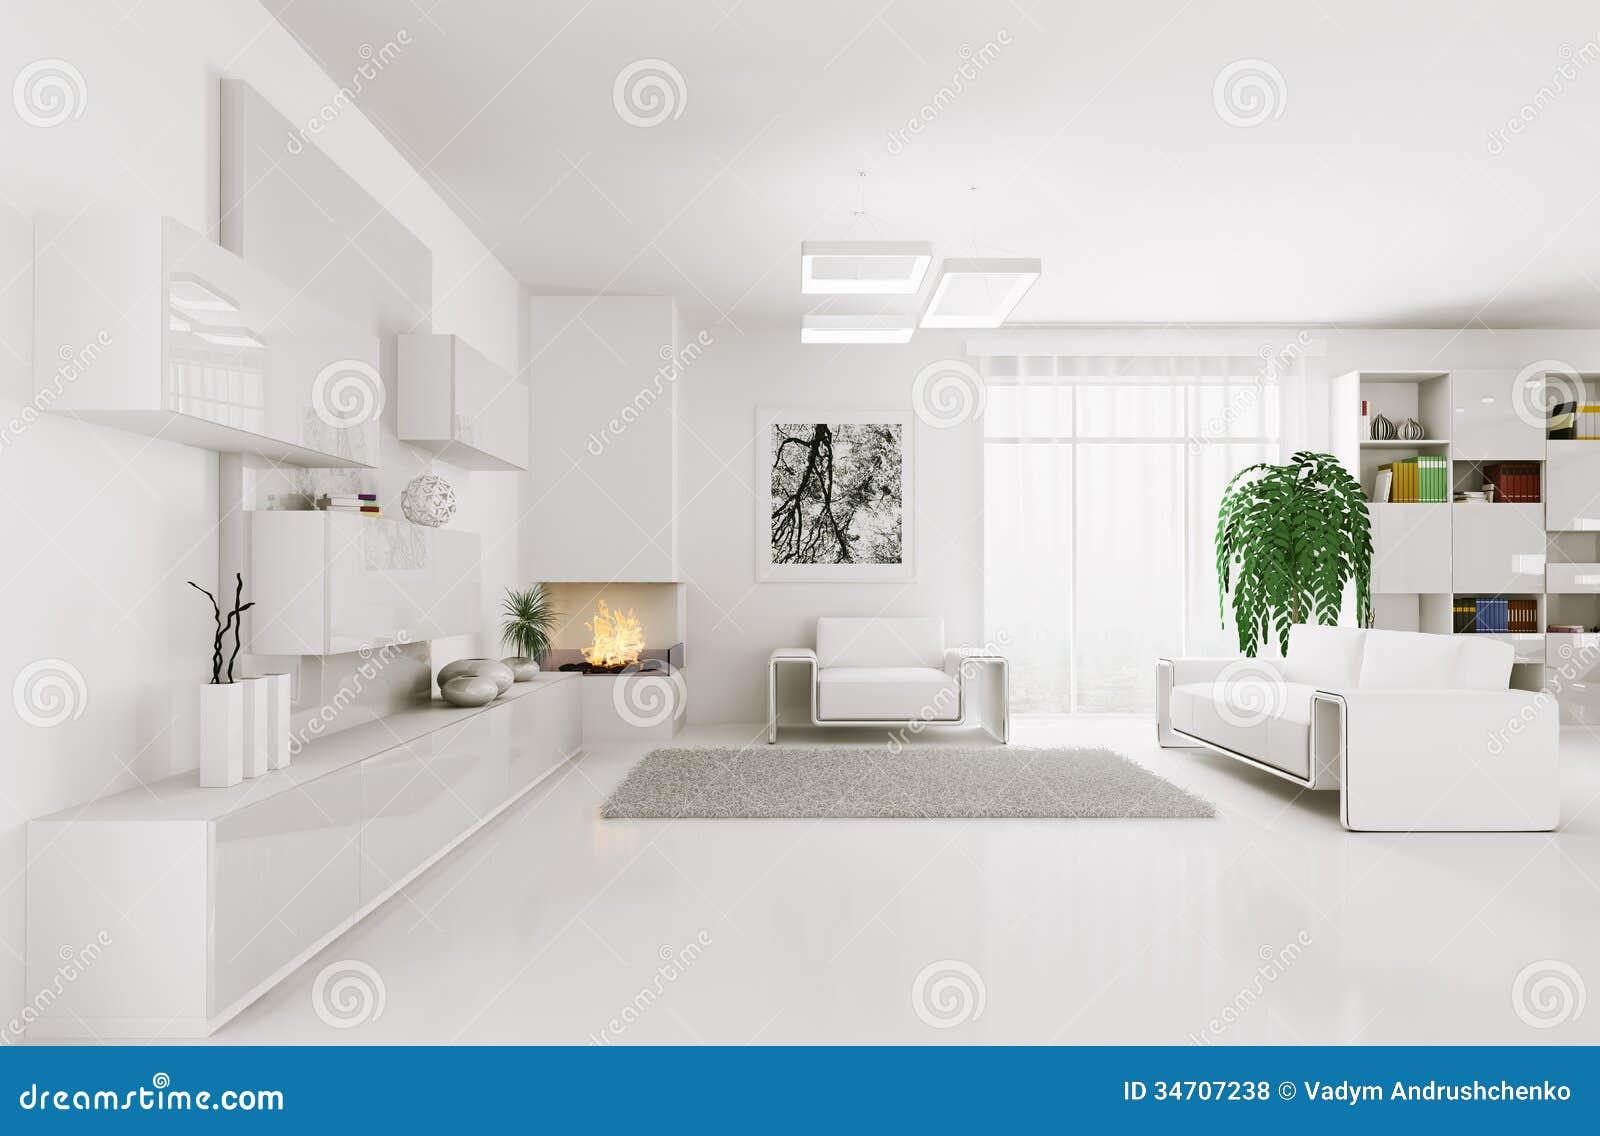 Weißes Wohnzimmer Innen 3d Lizenzfreie Stockfotos   Bild: 34707238